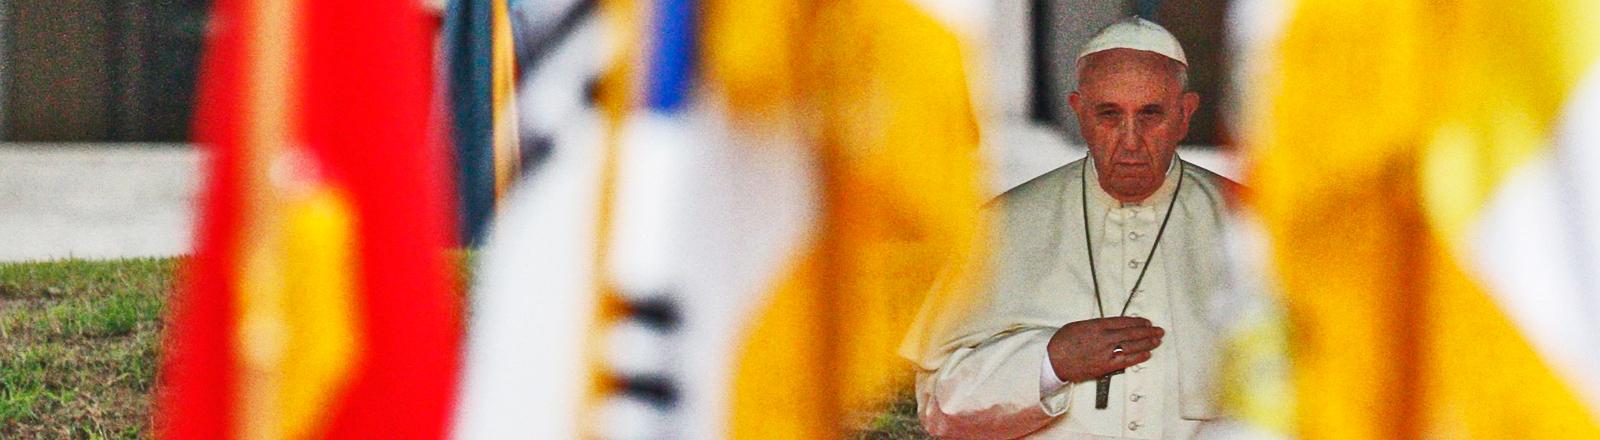 Papst Franziskus ist zu Besuch in Südkorea (August 2014 / dpa).